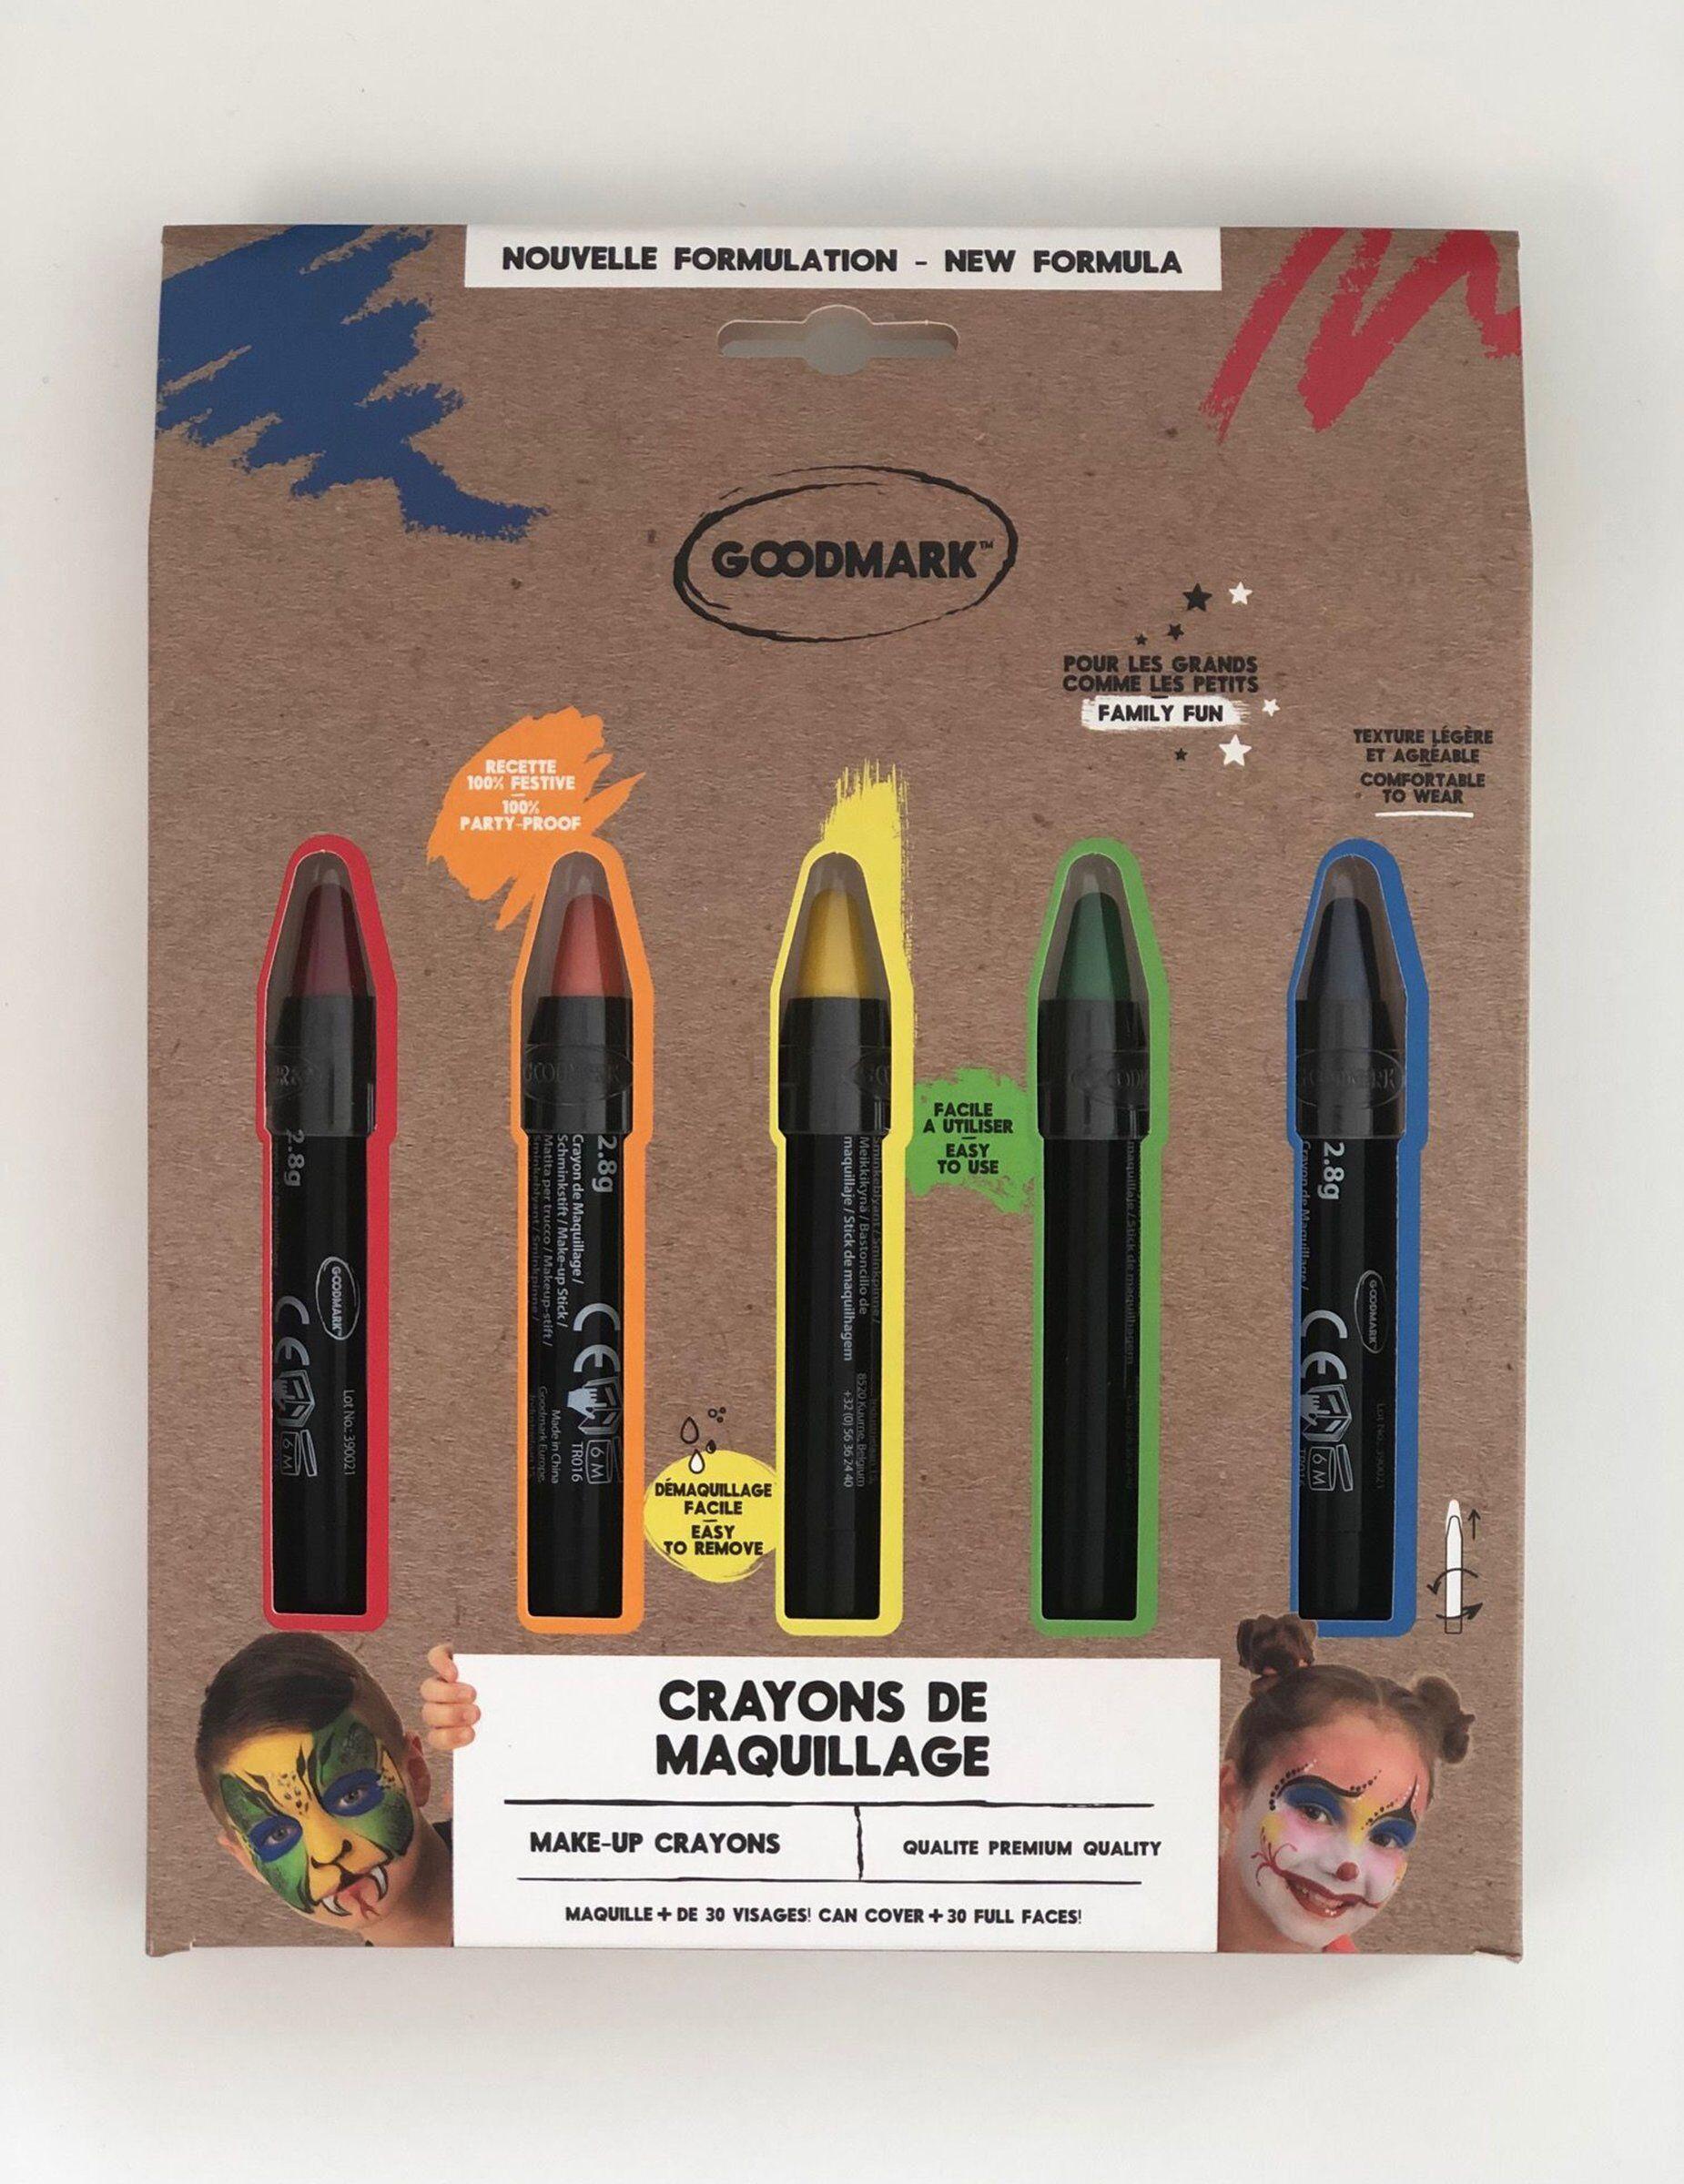 Deguisetoi 5 crayons de maquillage arc-en-ciel 2,8 g